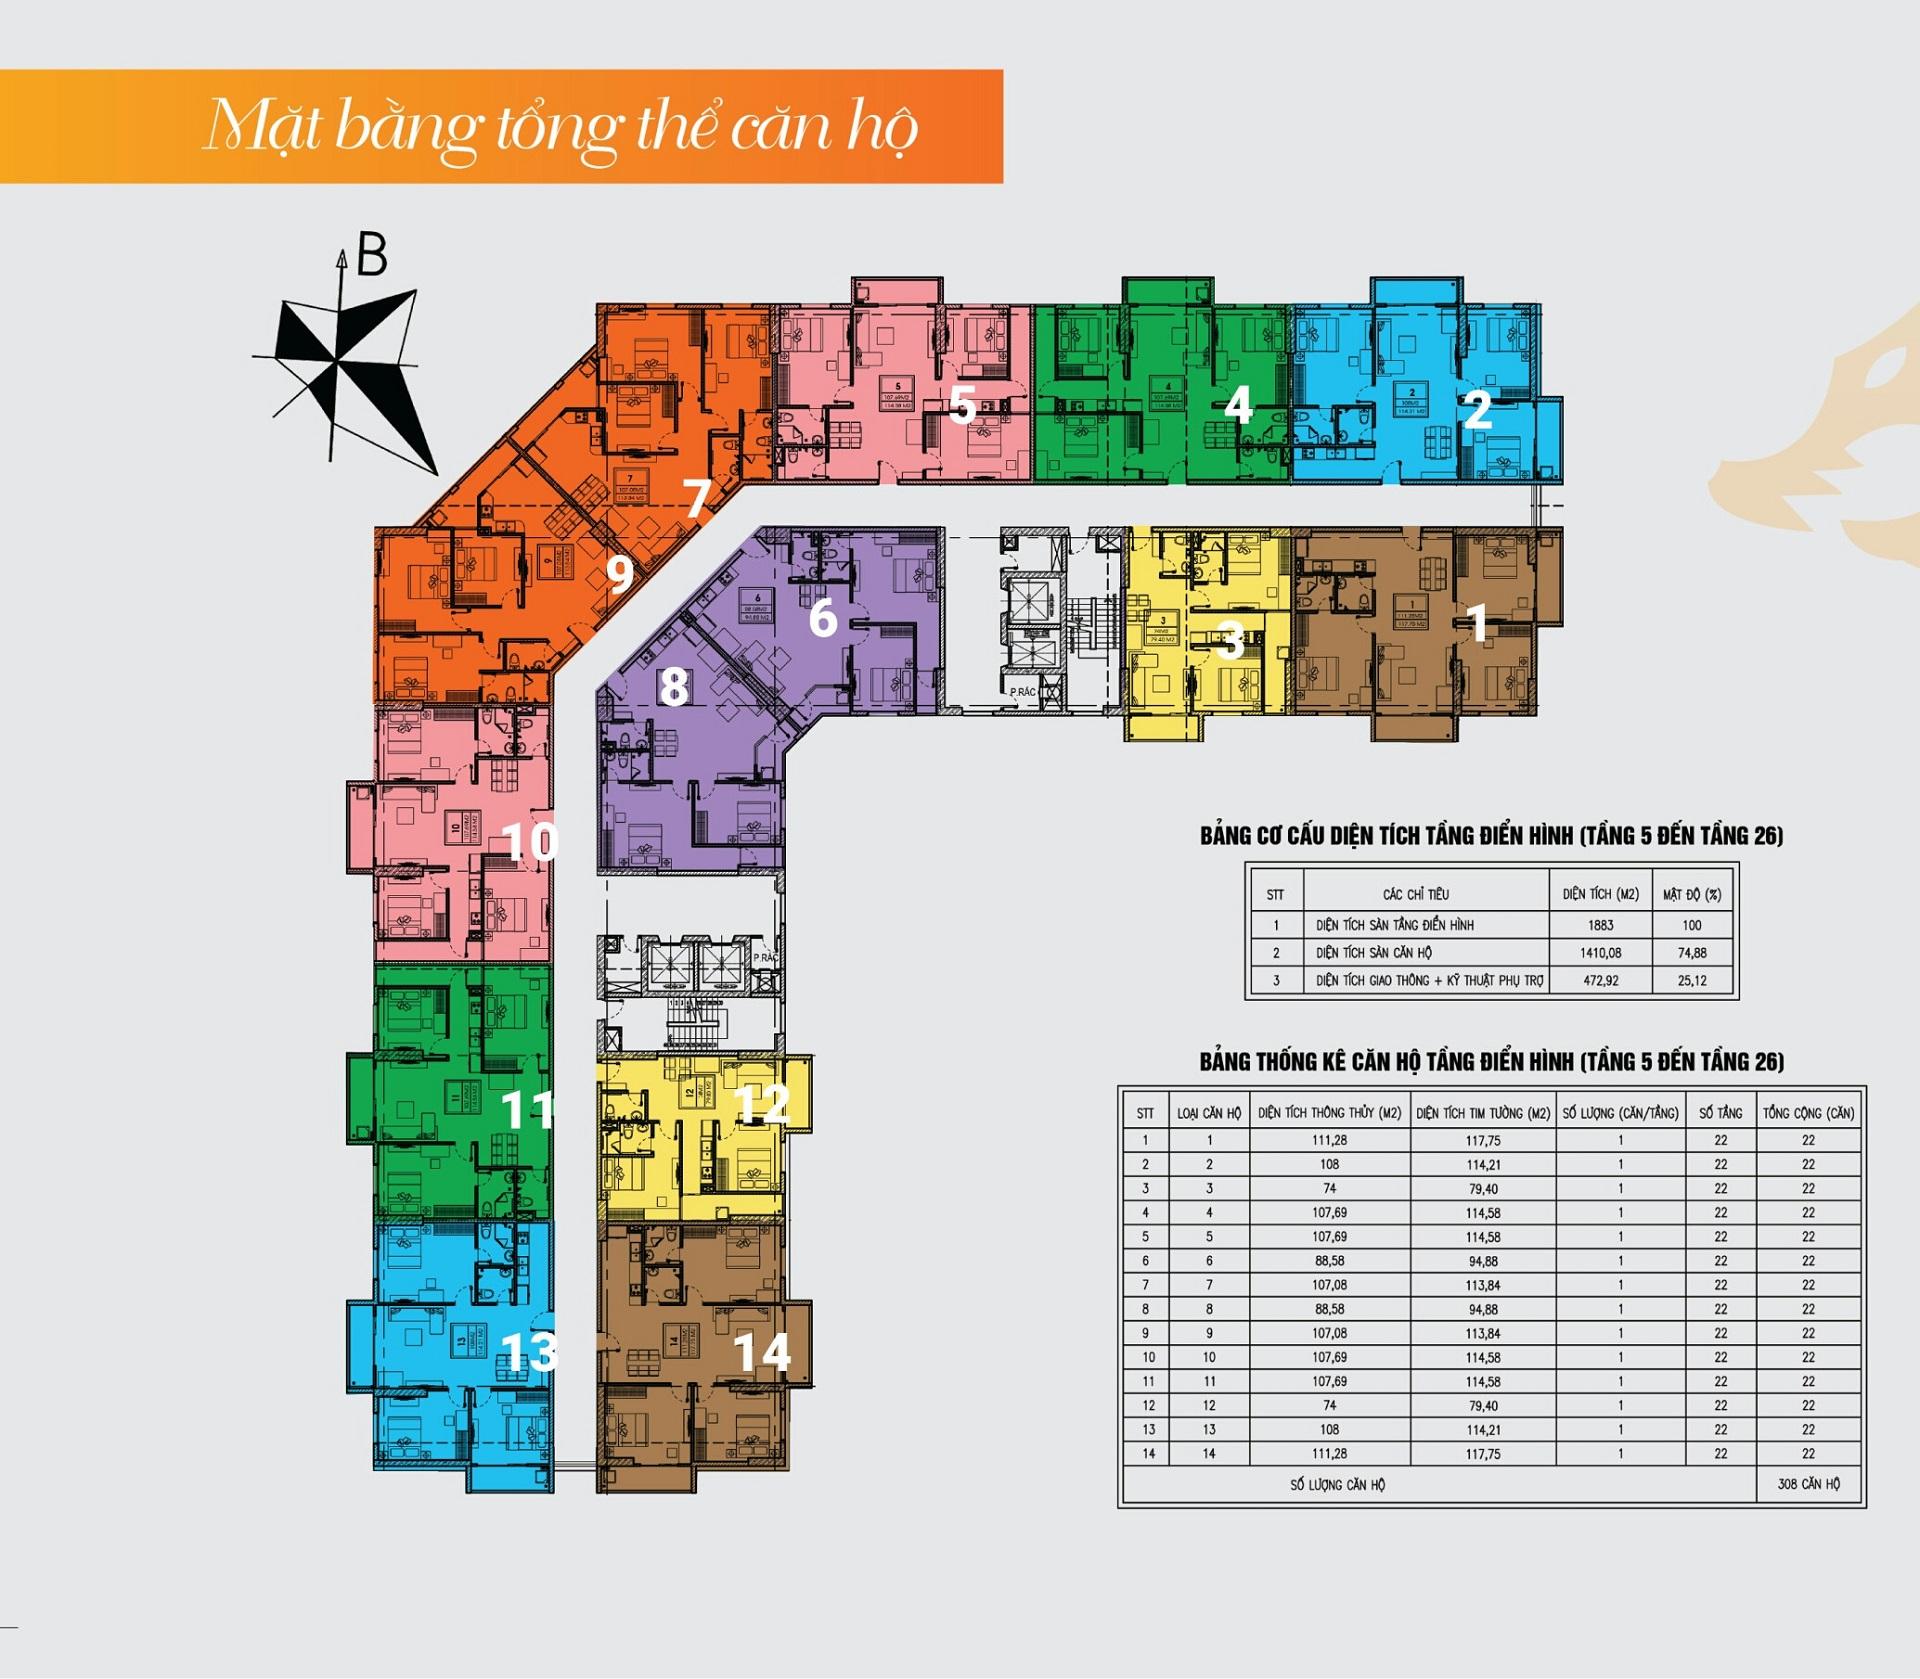 Mặt bằng điển hình căn hộ Thăng Long City tầng 05-26